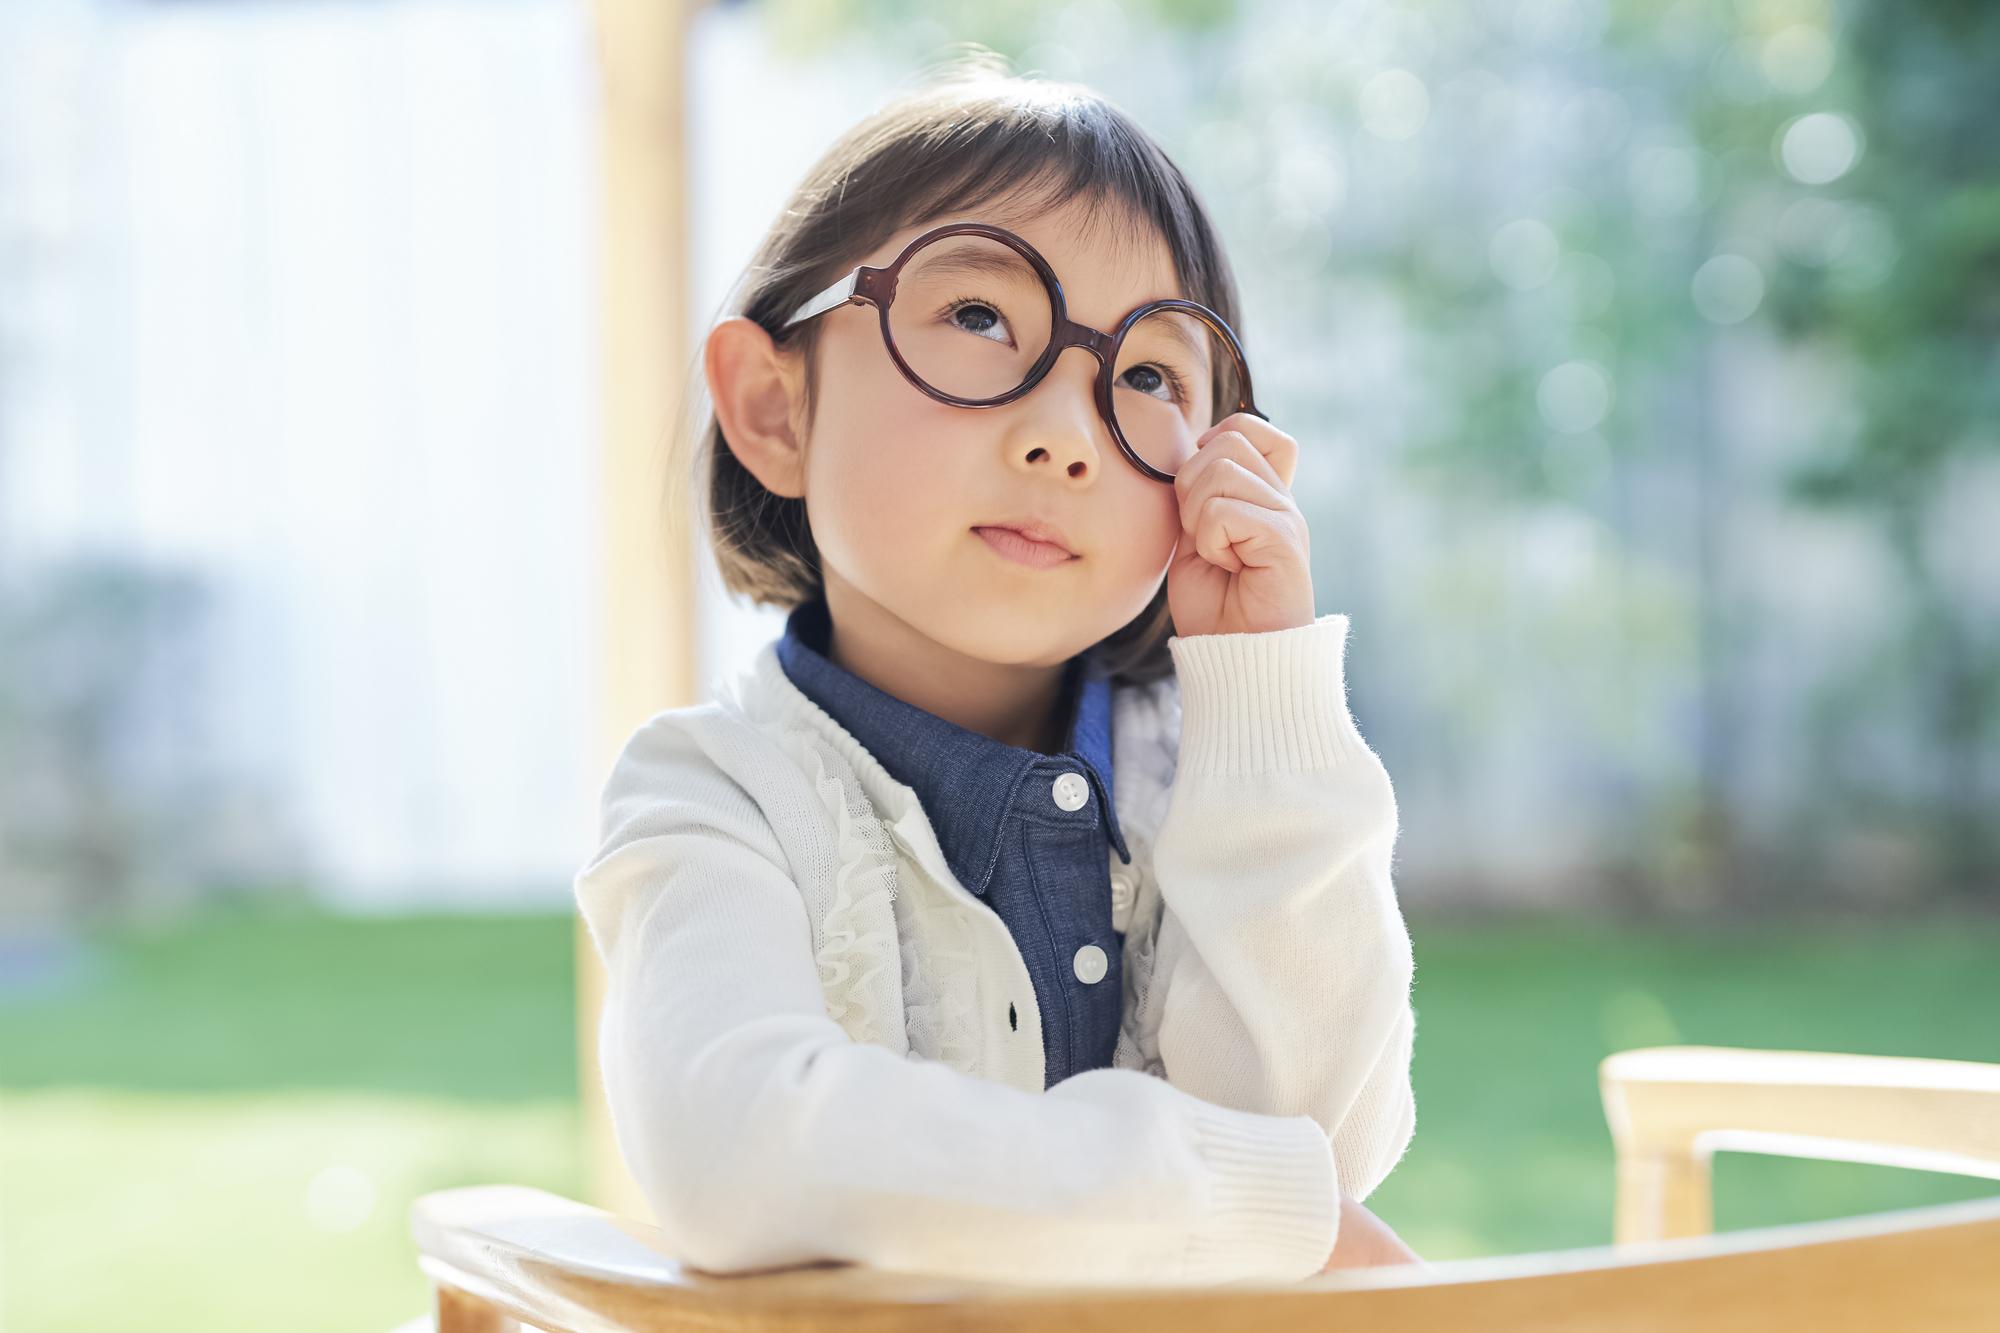 幼児教育はいつから始める?3歳から記憶力を格段に伸ばすには、家庭での取り組みがポイント